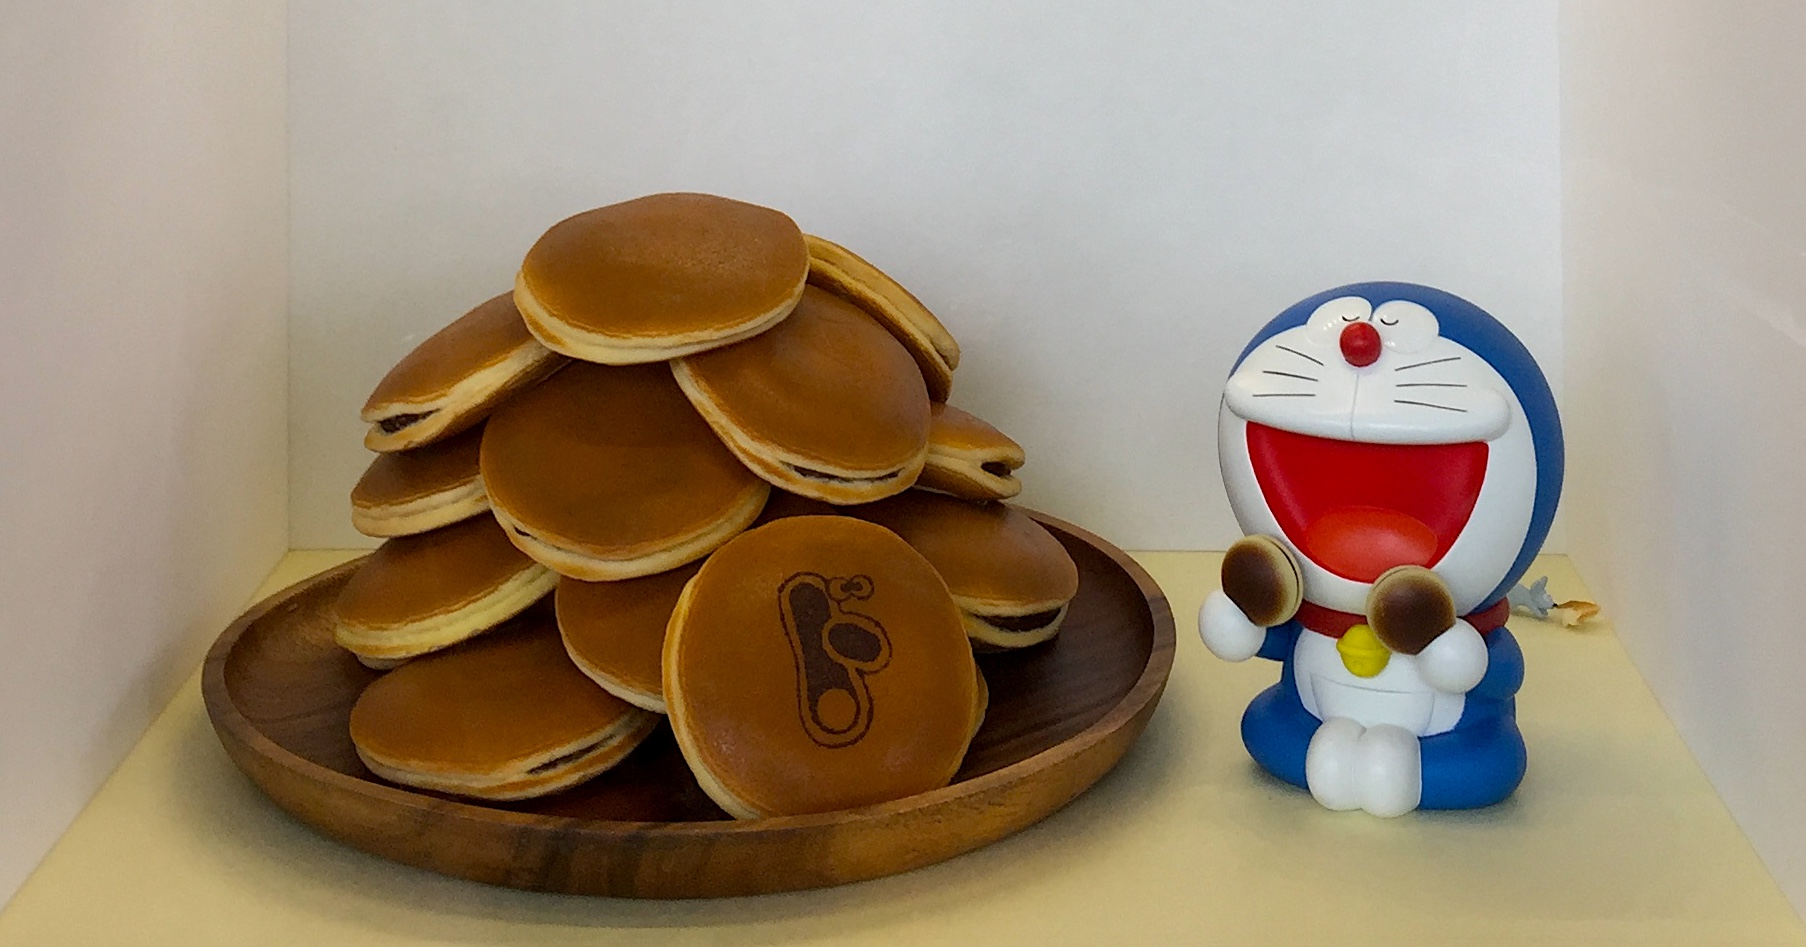 Doraemon with cakes